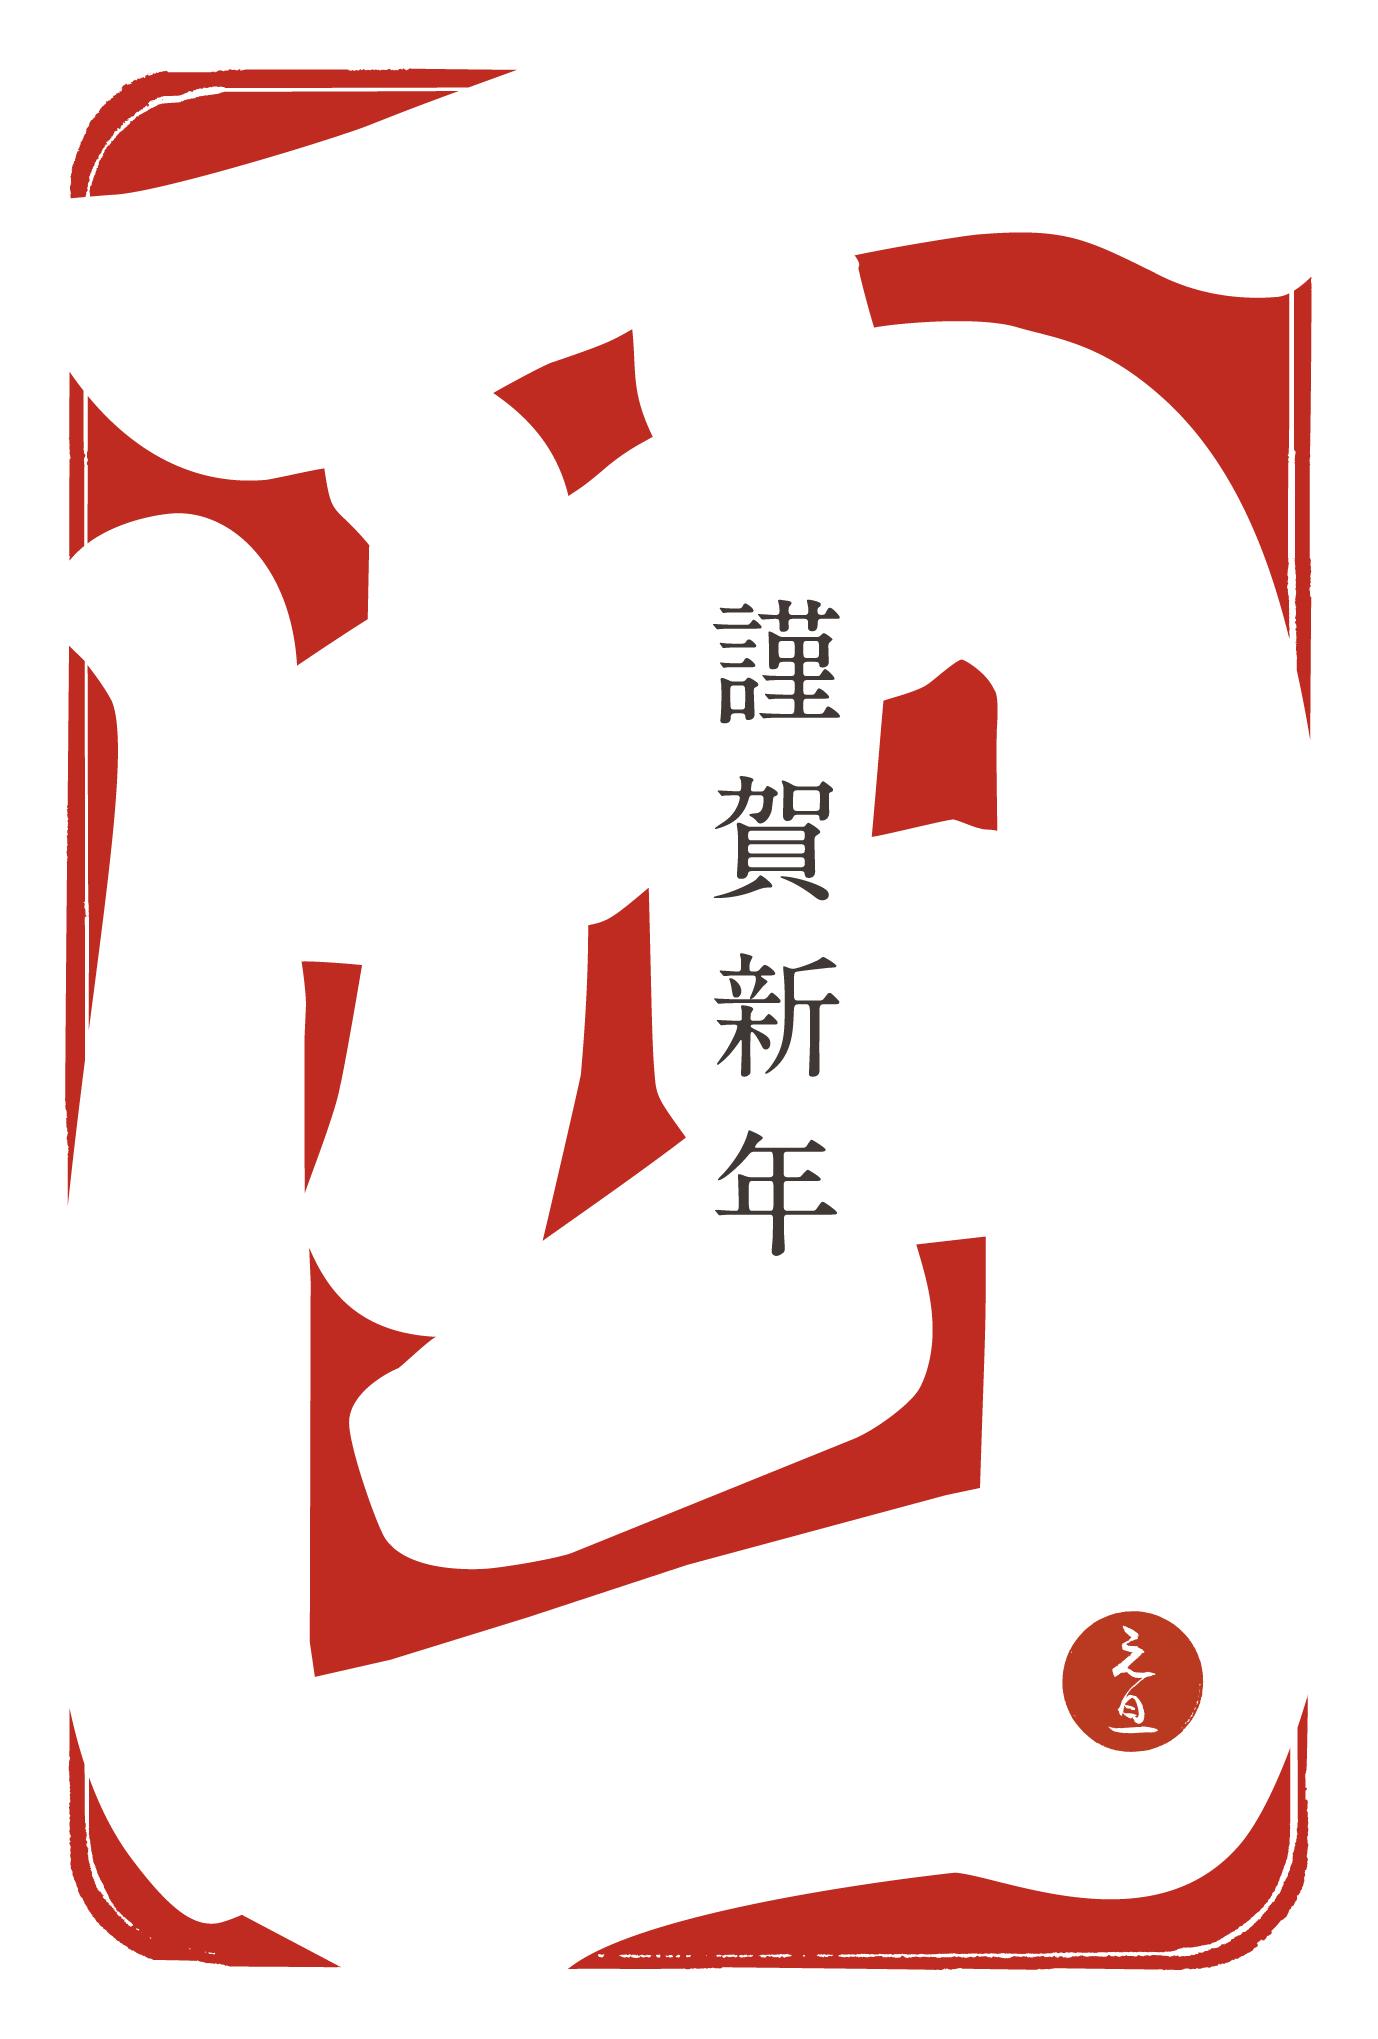 2017年賀状03-1:江戸勘亭流(酉)赤のダウンロード画像